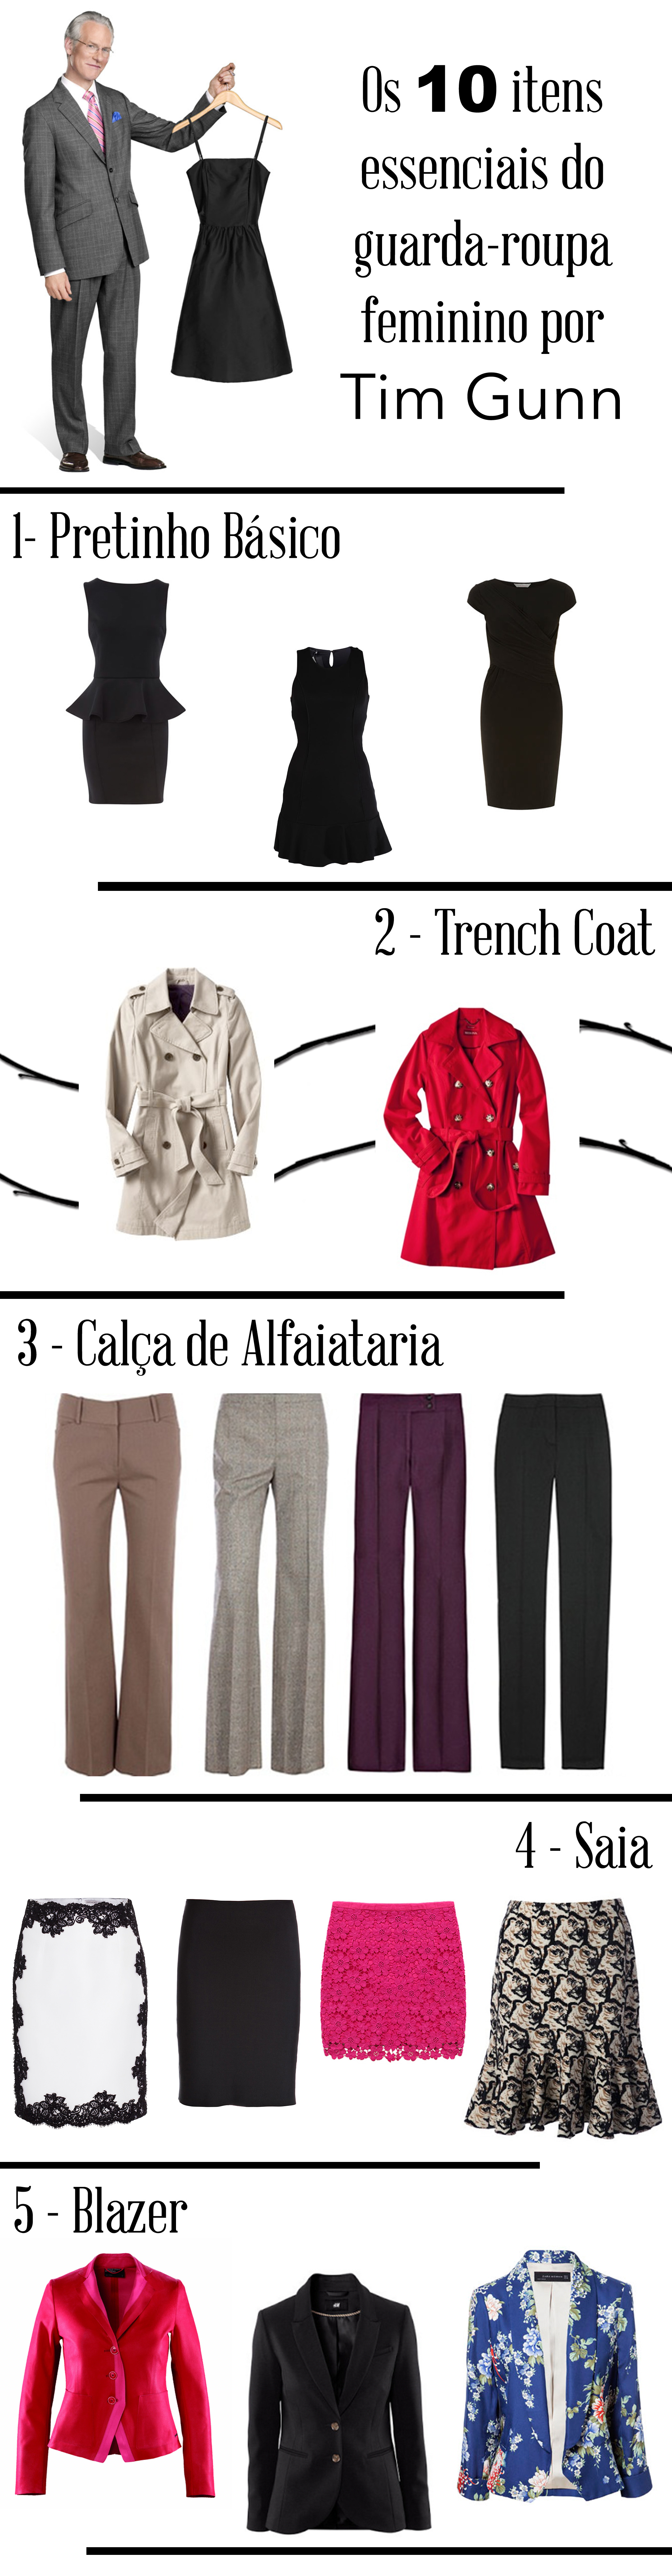 a58fc8f2b 10 Peças essenciais no guarda-roupa